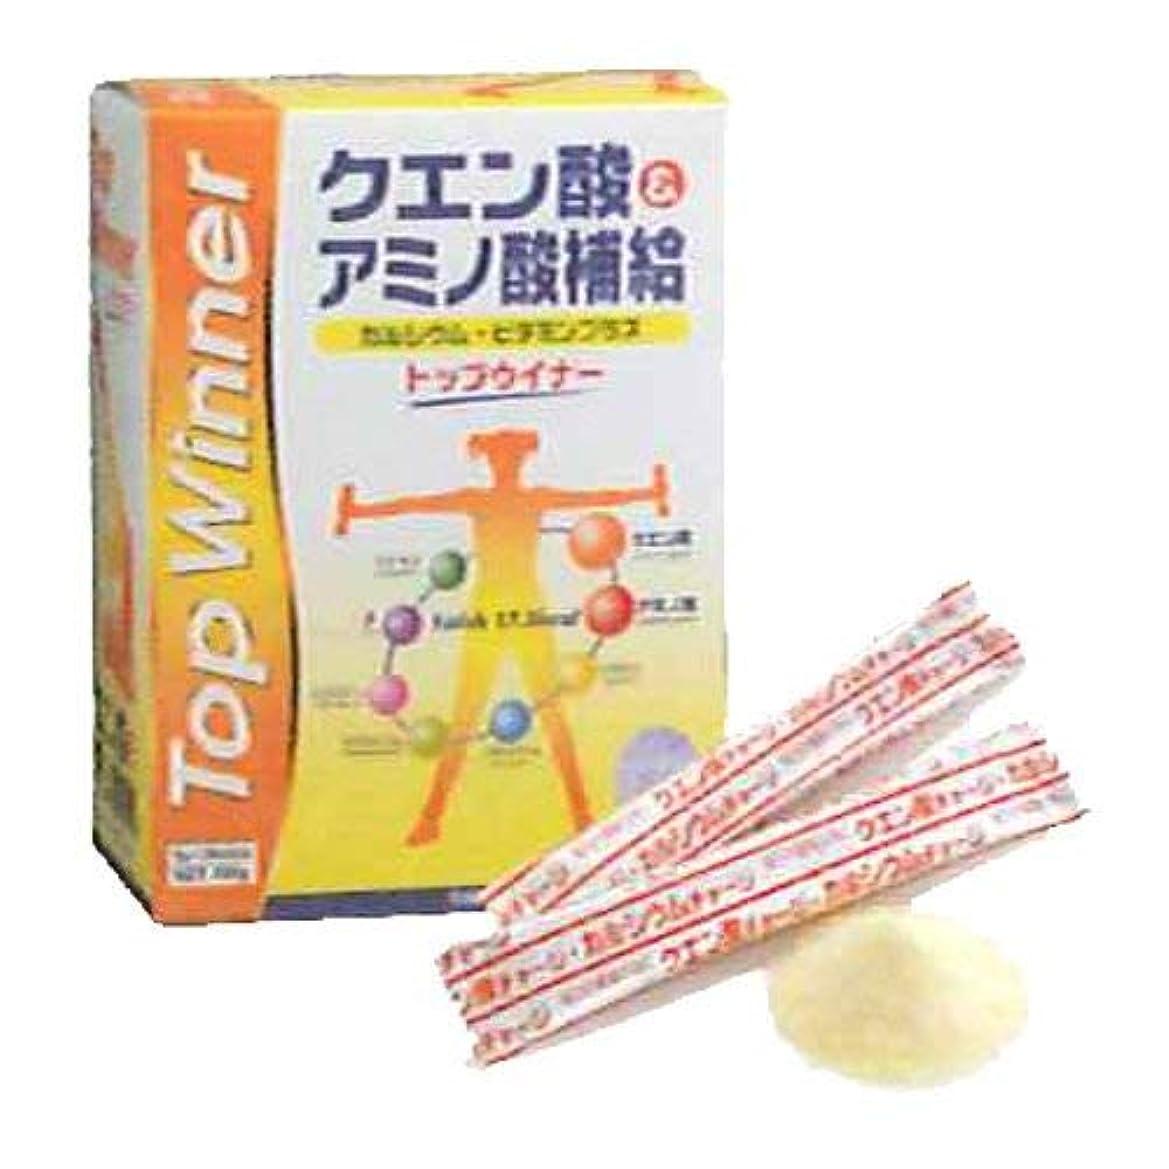 マーカーロールトークトップウイナー アミノ酸?クエン酸飲料 5g×30本入 【スカイ?フード】